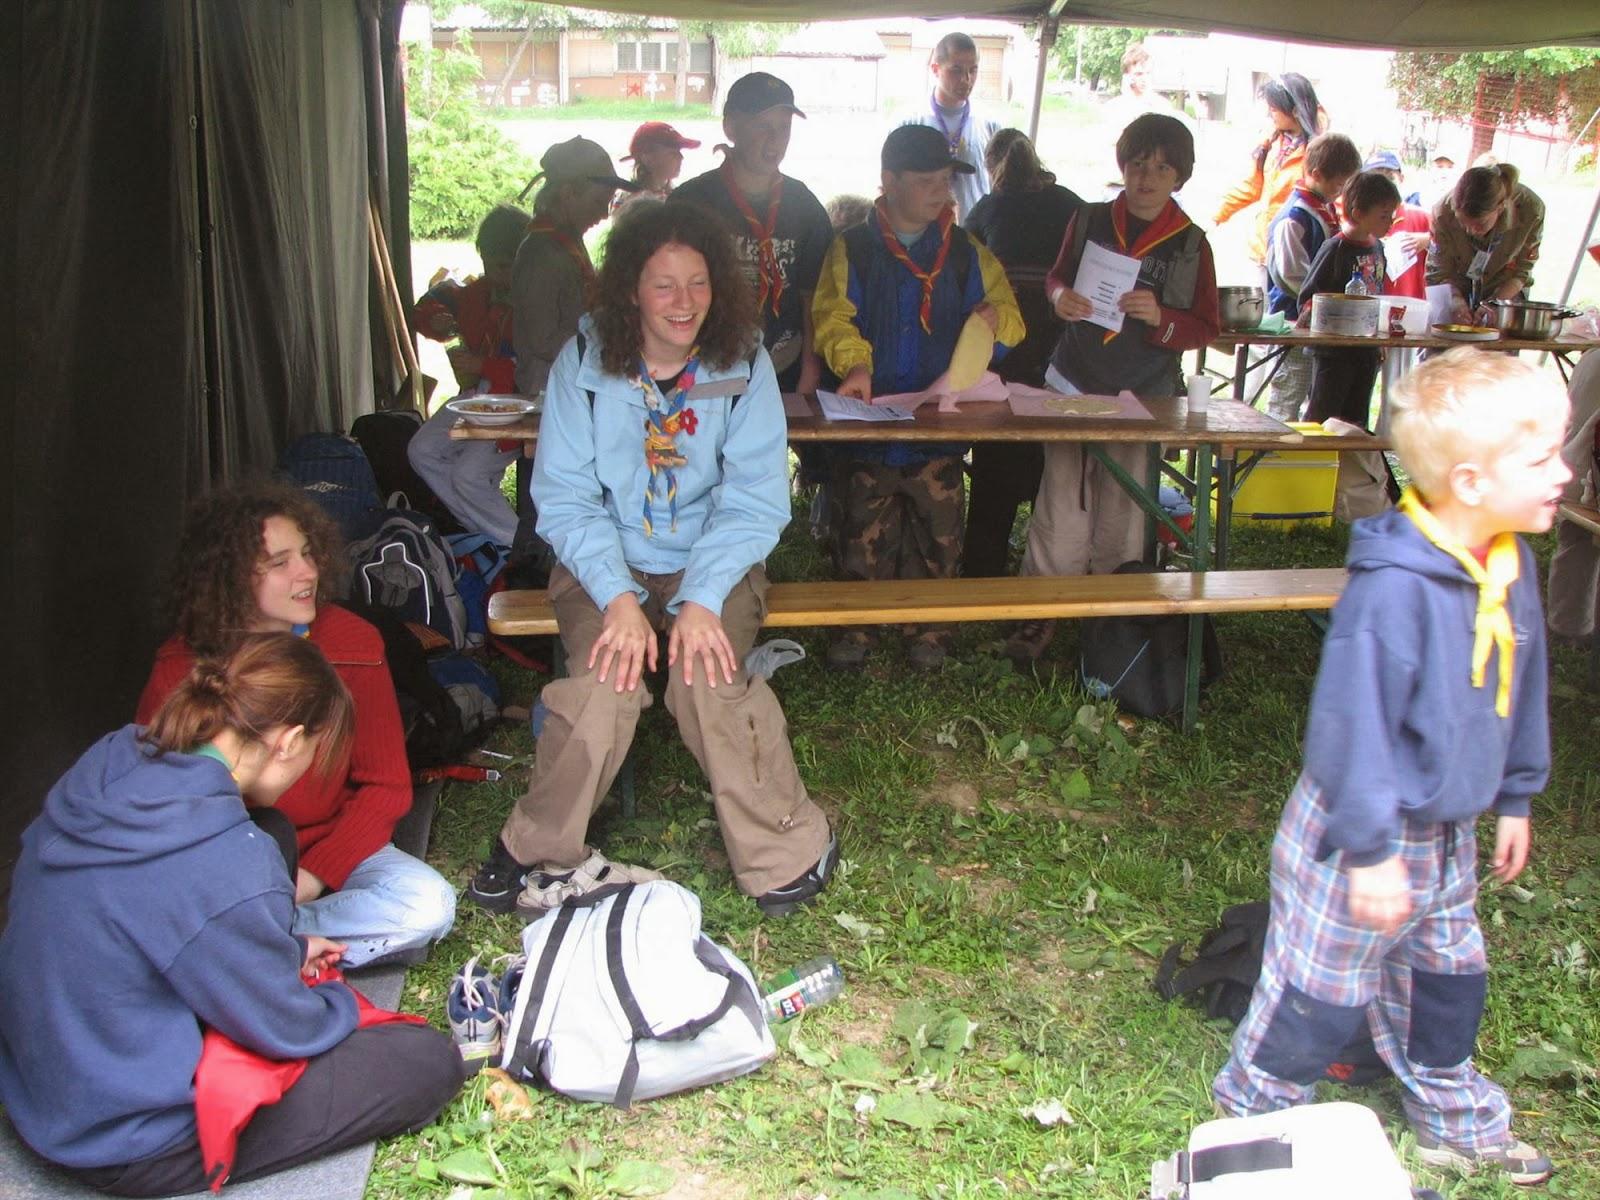 Področni mnogoboj MČ, Ilirska Bistrica 2006 - pics%2B118.jpg